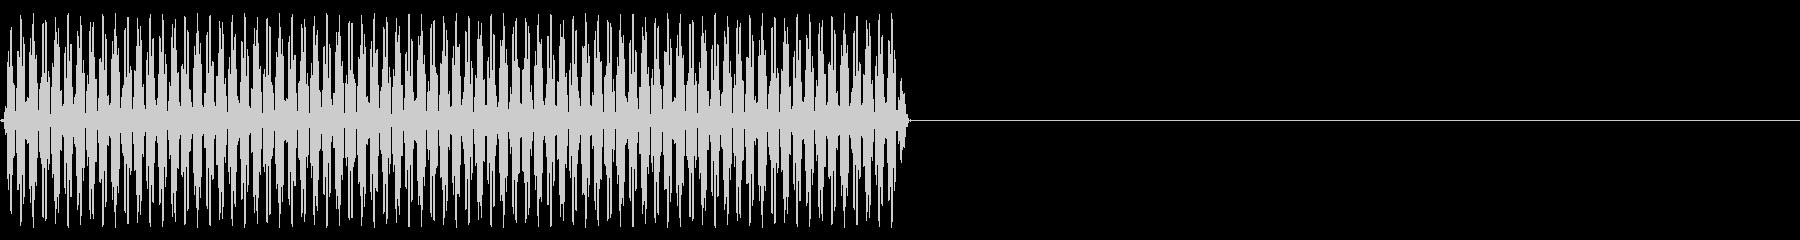 『ピッ』電話のプッシュ音(9)-単音の未再生の波形